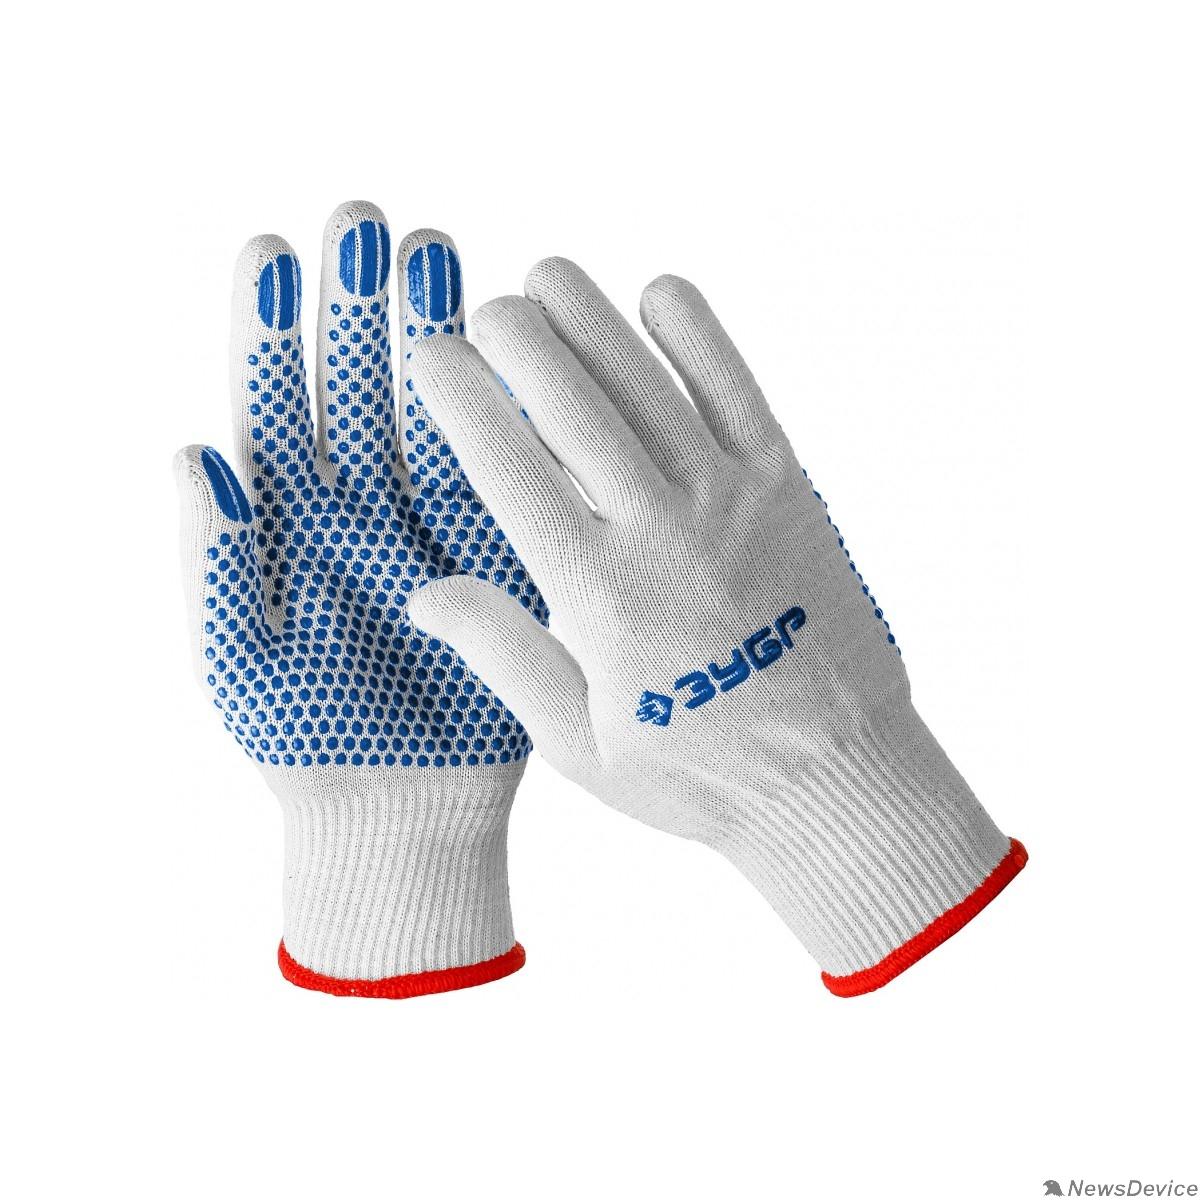 Перчатки KRAFTOOL EXTREM, размер XL, профессиональные комбинированные перчатки для тяжелых механических работ 11451-K10